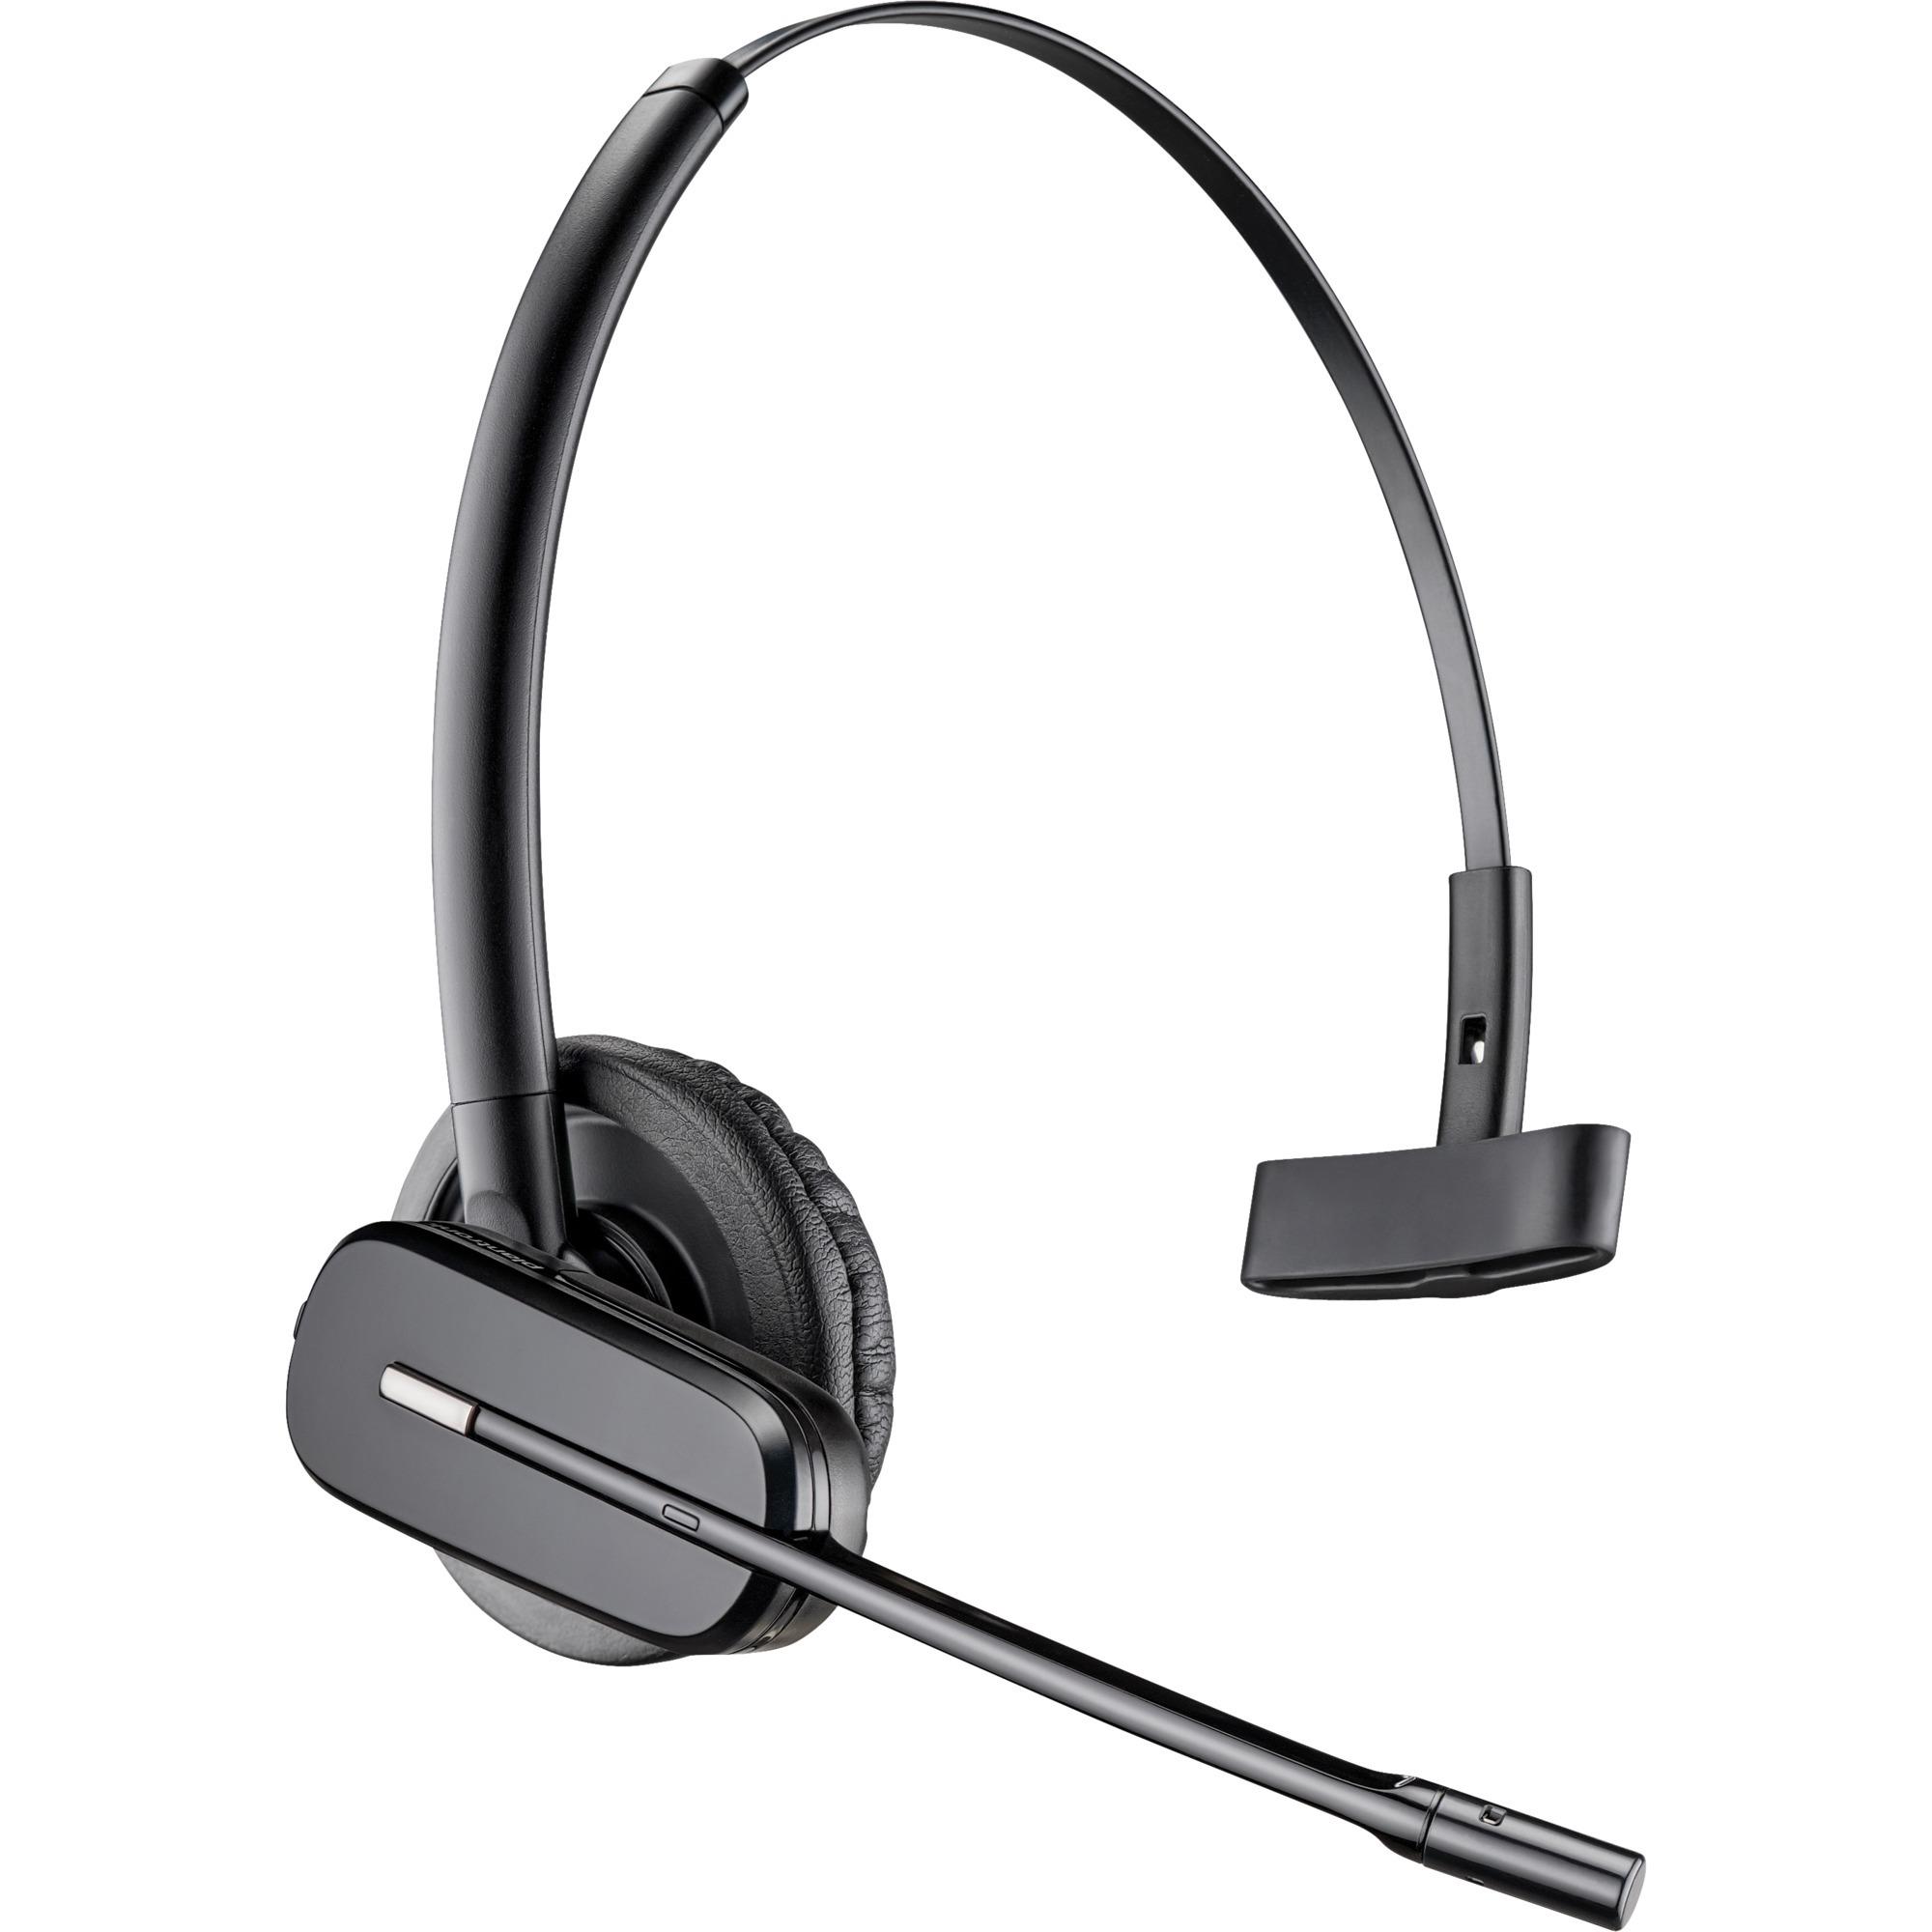 7c602f1bf10 Plantronics C565 auriculares para móvil Monoaural gancho de oreja, Diadema  Negro, Auriculares con micrófono negro, Inalámbrico, gancho de oreja,  Diadema, ...